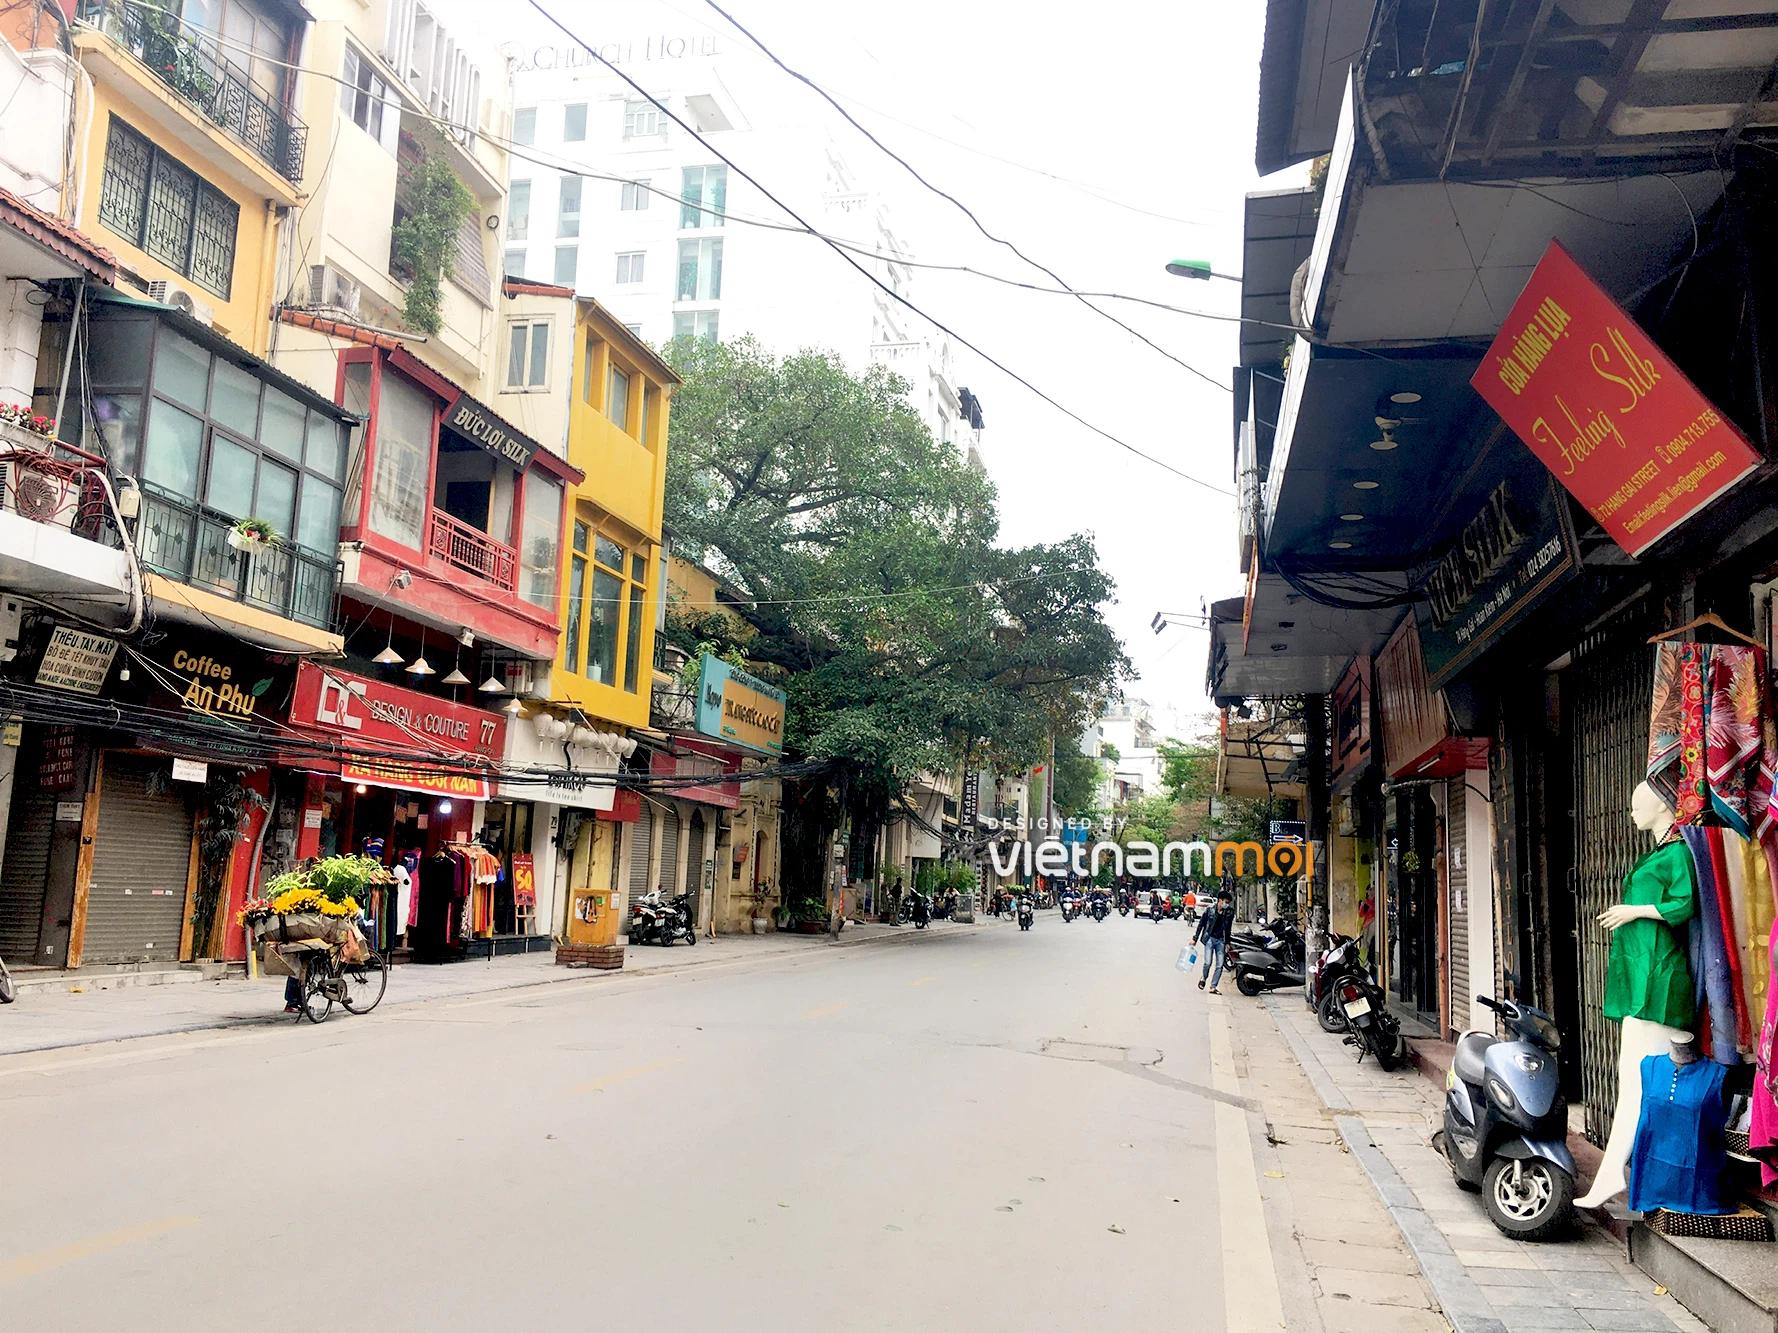 Quy mô khu phố cổ Hà Nội rộng 82 ha, xây cao tối đa 4 tầng - Ảnh 2.